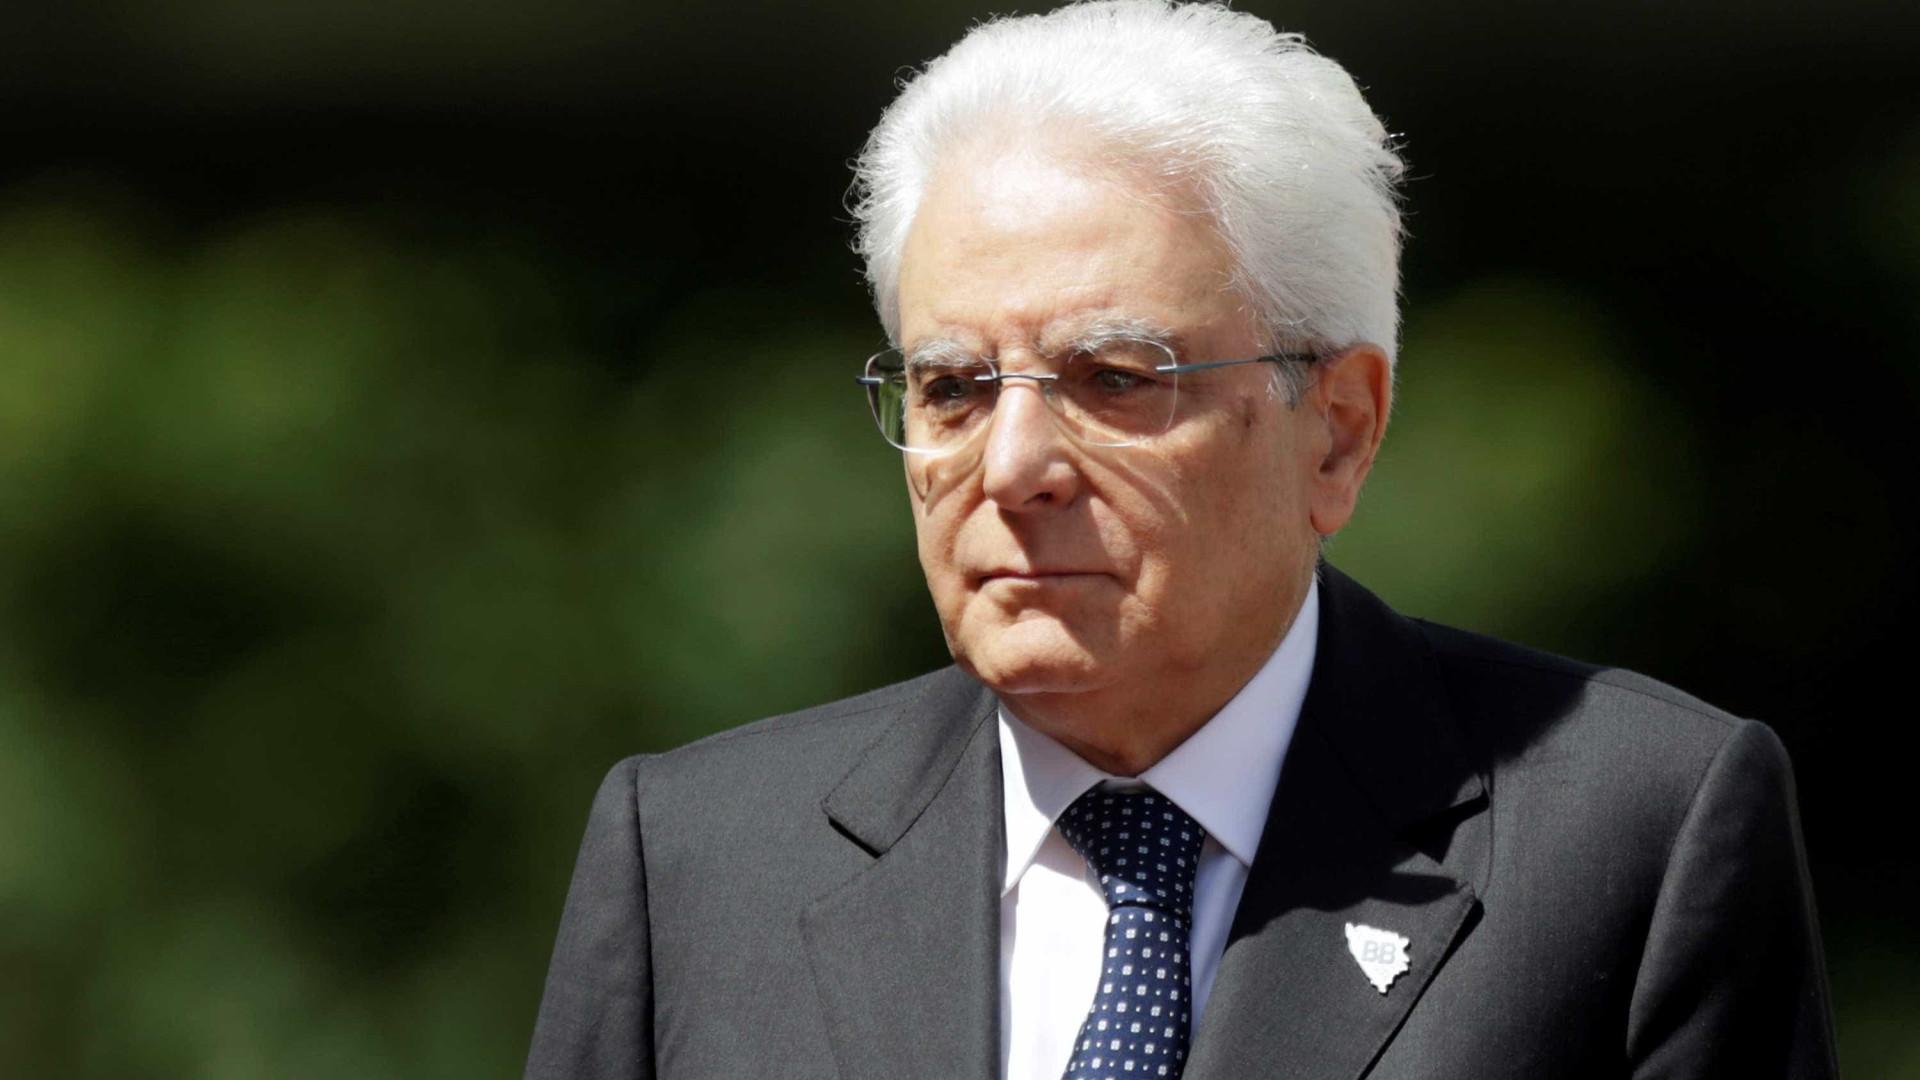 Presidente dissolve parlamento e abre caminho a novas eleições — Itália